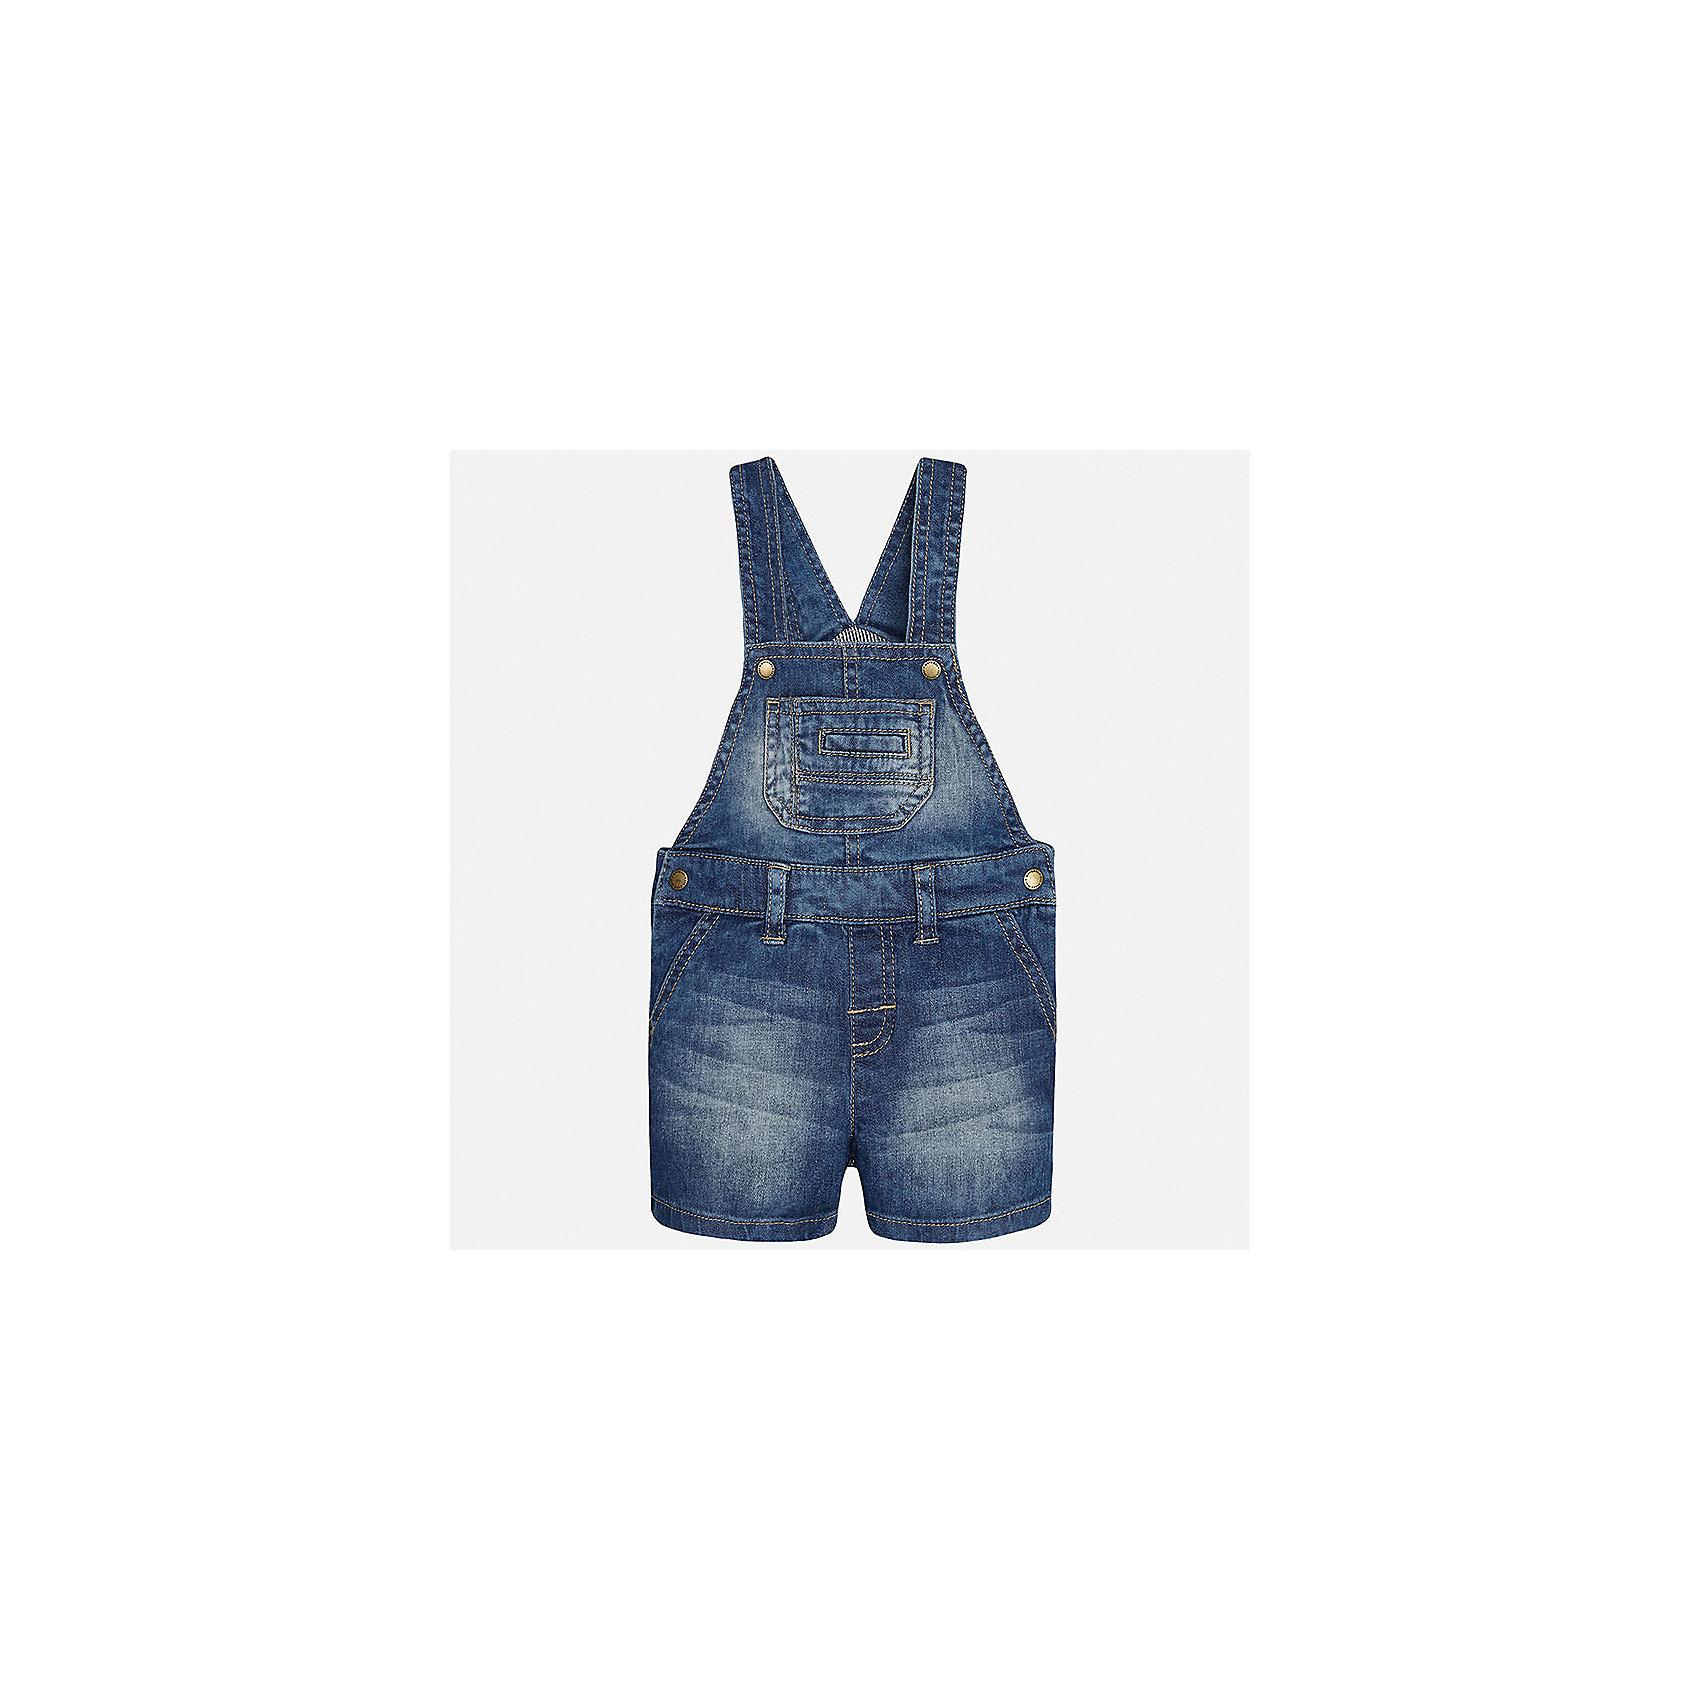 Комбинезон джинсовый для мальчика MayoralДжинсовая одежда<br>Характеристики товара:<br><br>• цвет: синий<br>• состав: 98% хлопок, 2% эластан, подкладка - 100% полиэстер<br>• лямки<br>• шлевки<br>• карманы<br>• пояс с регулировкой объема<br>• классический силуэт<br>• страна бренда: Испания<br><br>Модный комбинезон для мальчика хорошо впишется в гардероб ребенка. Он отлично сочетается с майками, футболками, рубашками и т.д. Универсальный крой и цвет позволяет подобрать к вещи верх разных расцветок. Практичное и стильное изделие! В составе материала - натуральный хлопок, гипоаллергенный, приятный на ощупь, дышащий.<br><br>Одежда, обувь и аксессуары от испанского бренда Mayoral полюбились детям и взрослым по всему миру. Модели этой марки - стильные и удобные. Для их производства используются только безопасные, качественные материалы и фурнитура. Порадуйте ребенка модными и красивыми вещами от Mayoral! <br><br>Комбинезон для мальчика от испанского бренда Mayoral (Майорал) можно купить в нашем интернет-магазине.<br><br>Ширина мм: 215<br>Глубина мм: 88<br>Высота мм: 191<br>Вес г: 336<br>Цвет: голубой<br>Возраст от месяцев: 12<br>Возраст до месяцев: 15<br>Пол: Мужской<br>Возраст: Детский<br>Размер: 80,92,86<br>SKU: 5279673